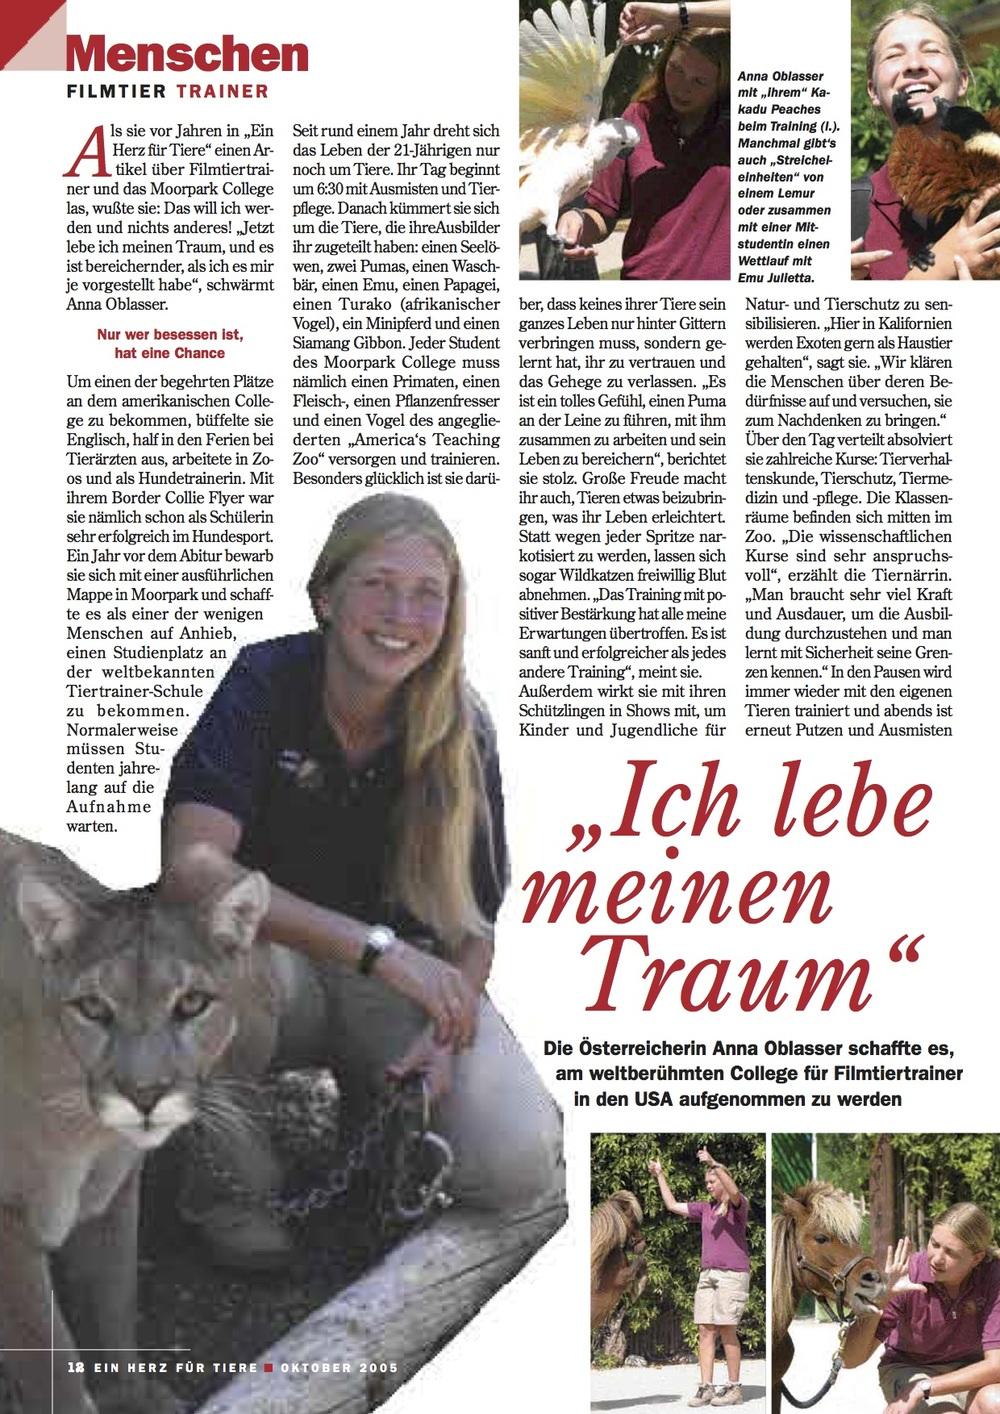 Reportage Herz fuer Tiere.jpg